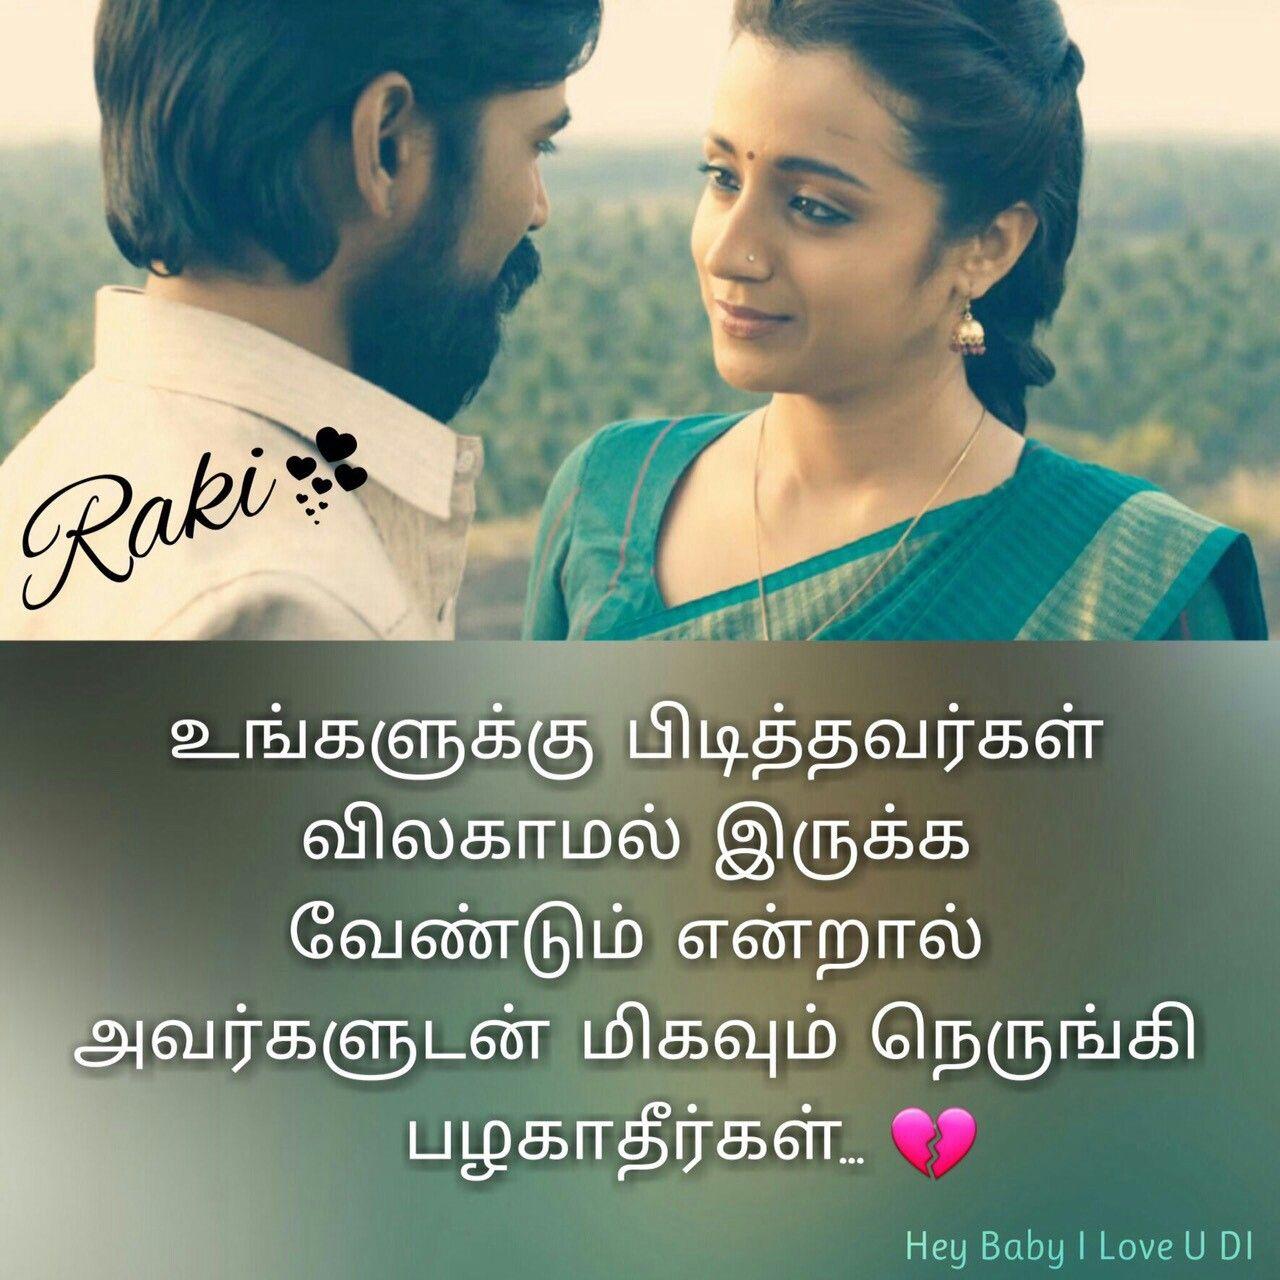 Tamil Kavi Gal Love